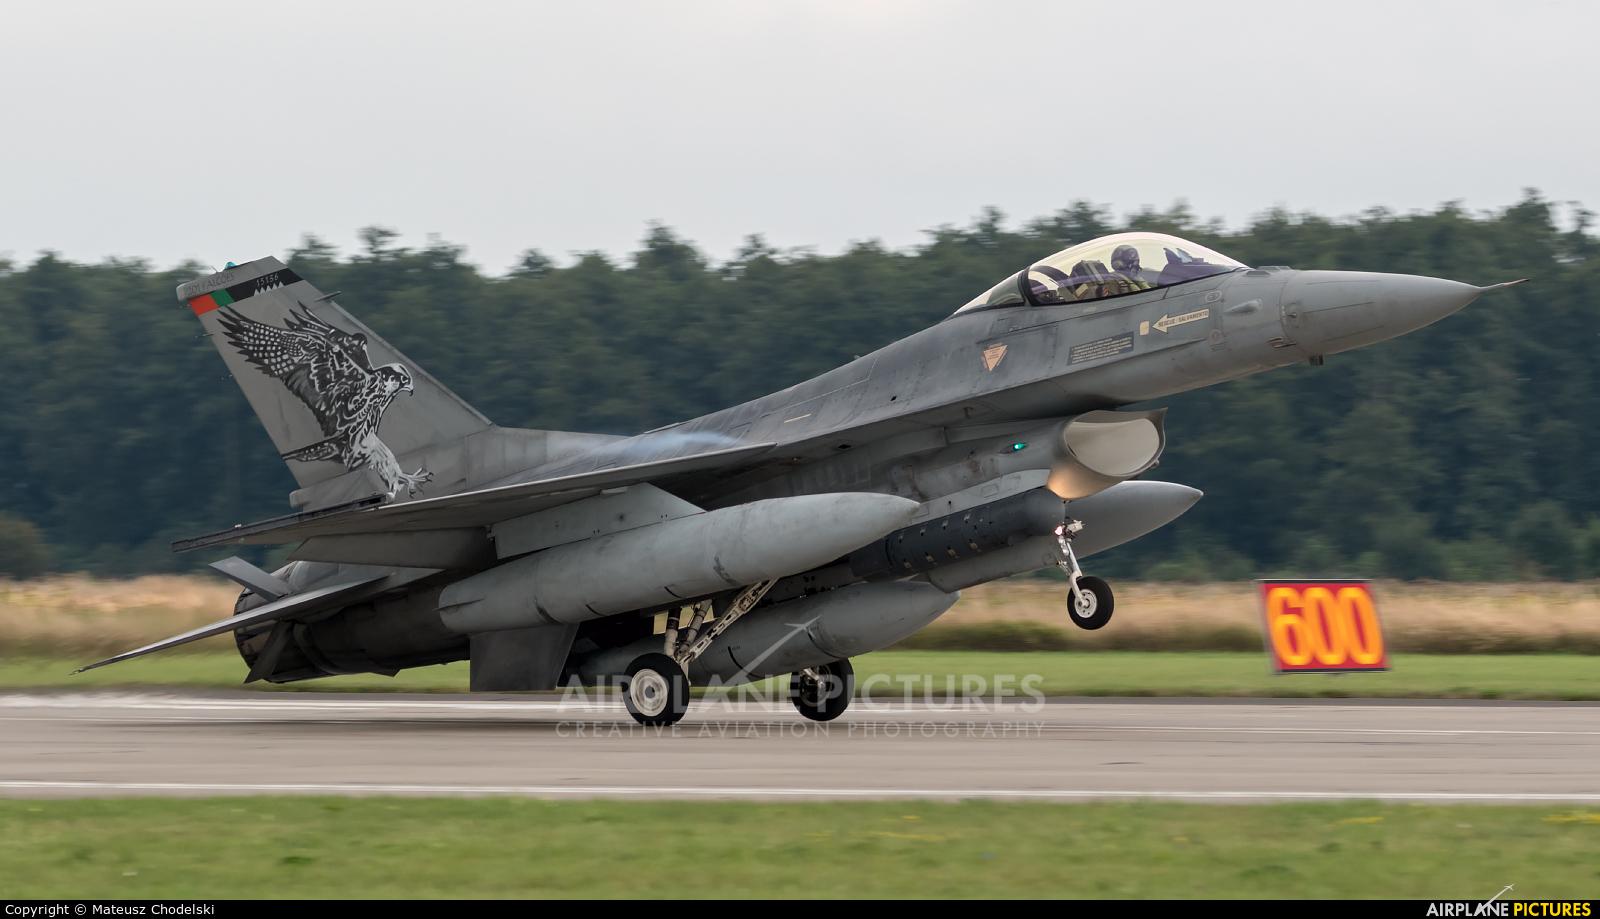 Portugal - Air Force 15136 aircraft at Malbork